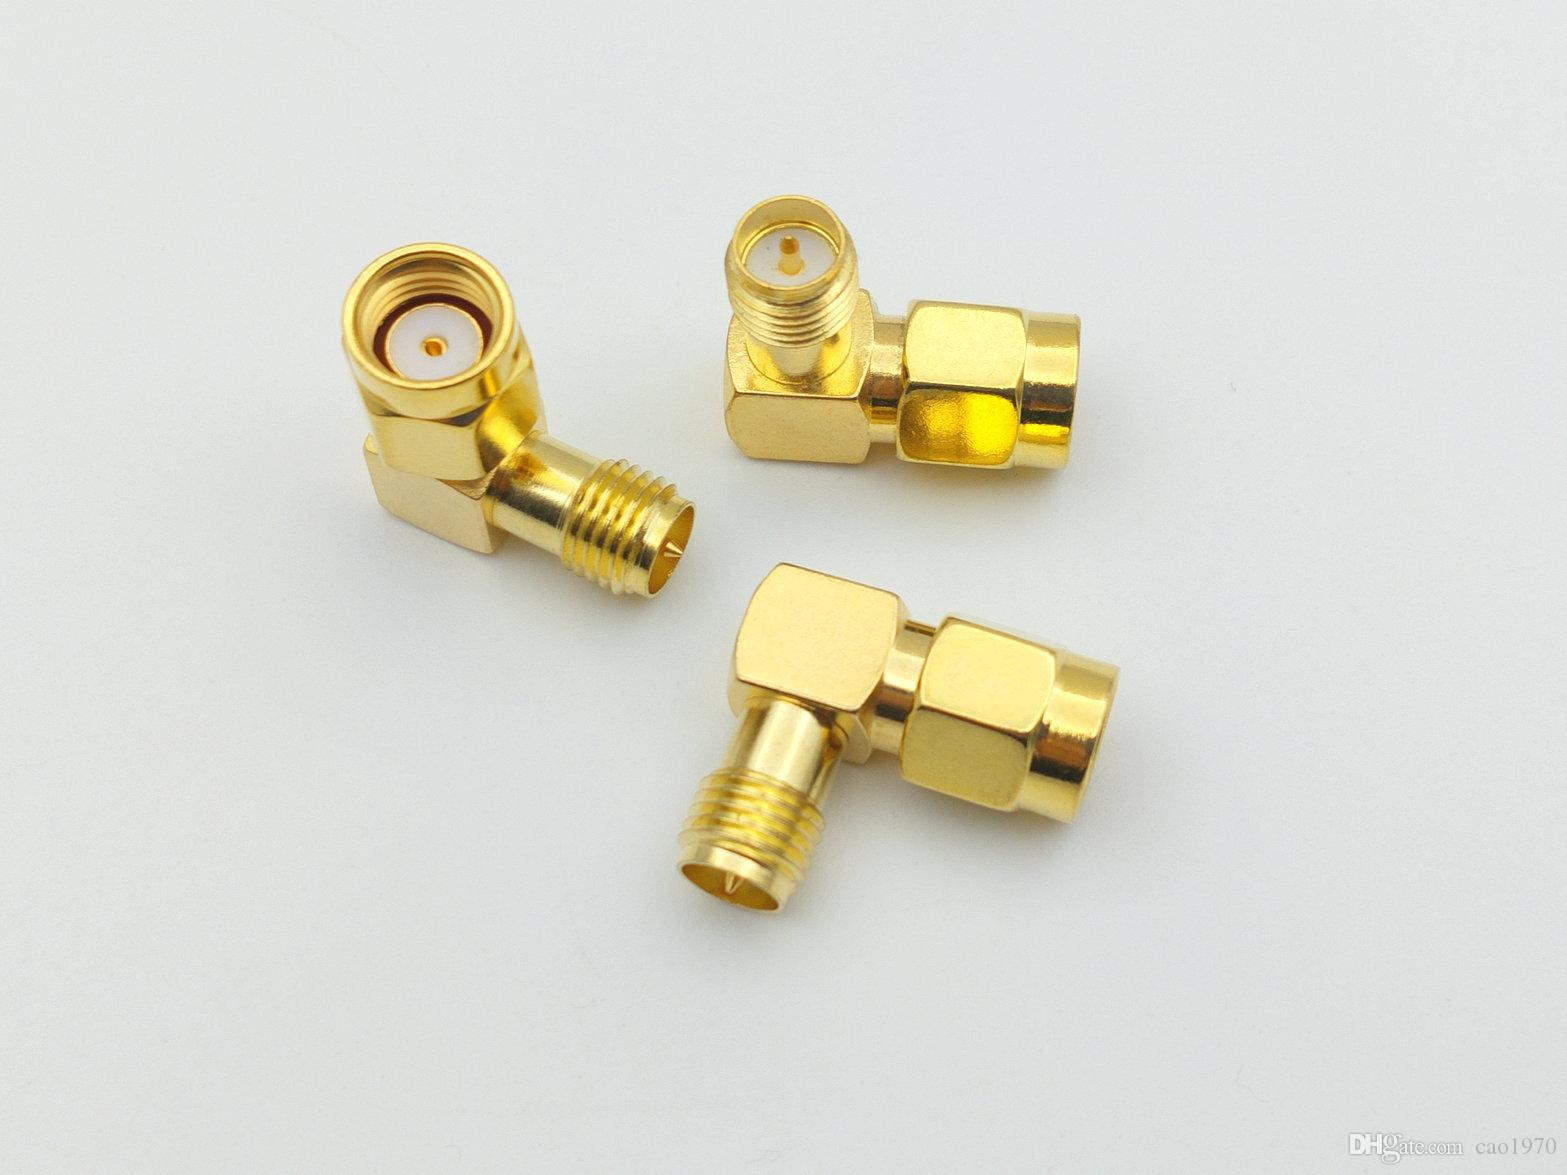 500PCS الذهب بلات RP-SMA مركز جاك الذكور إلى RP-SMA الإناث اليمنى بزاوية 90 درجة محول